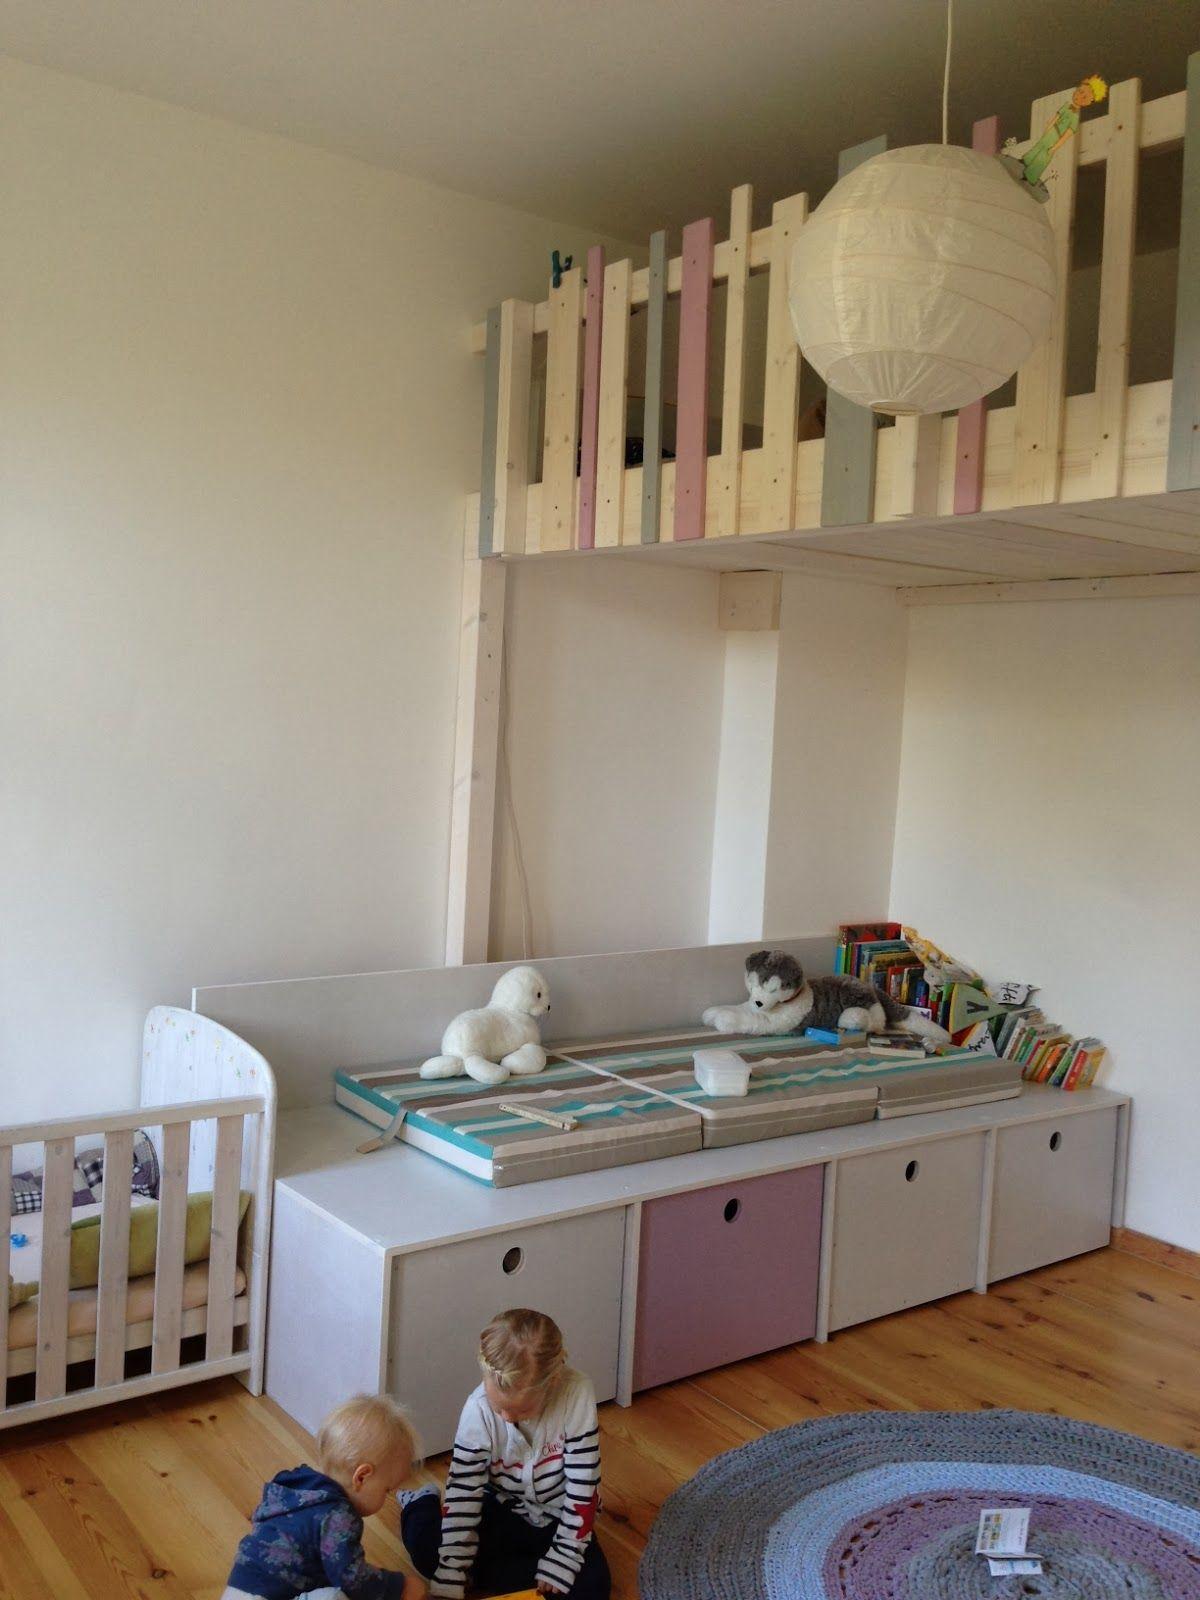 Hochebene Kinderzimmer hochebene kinderzimmer berliner schreiner babys kinder